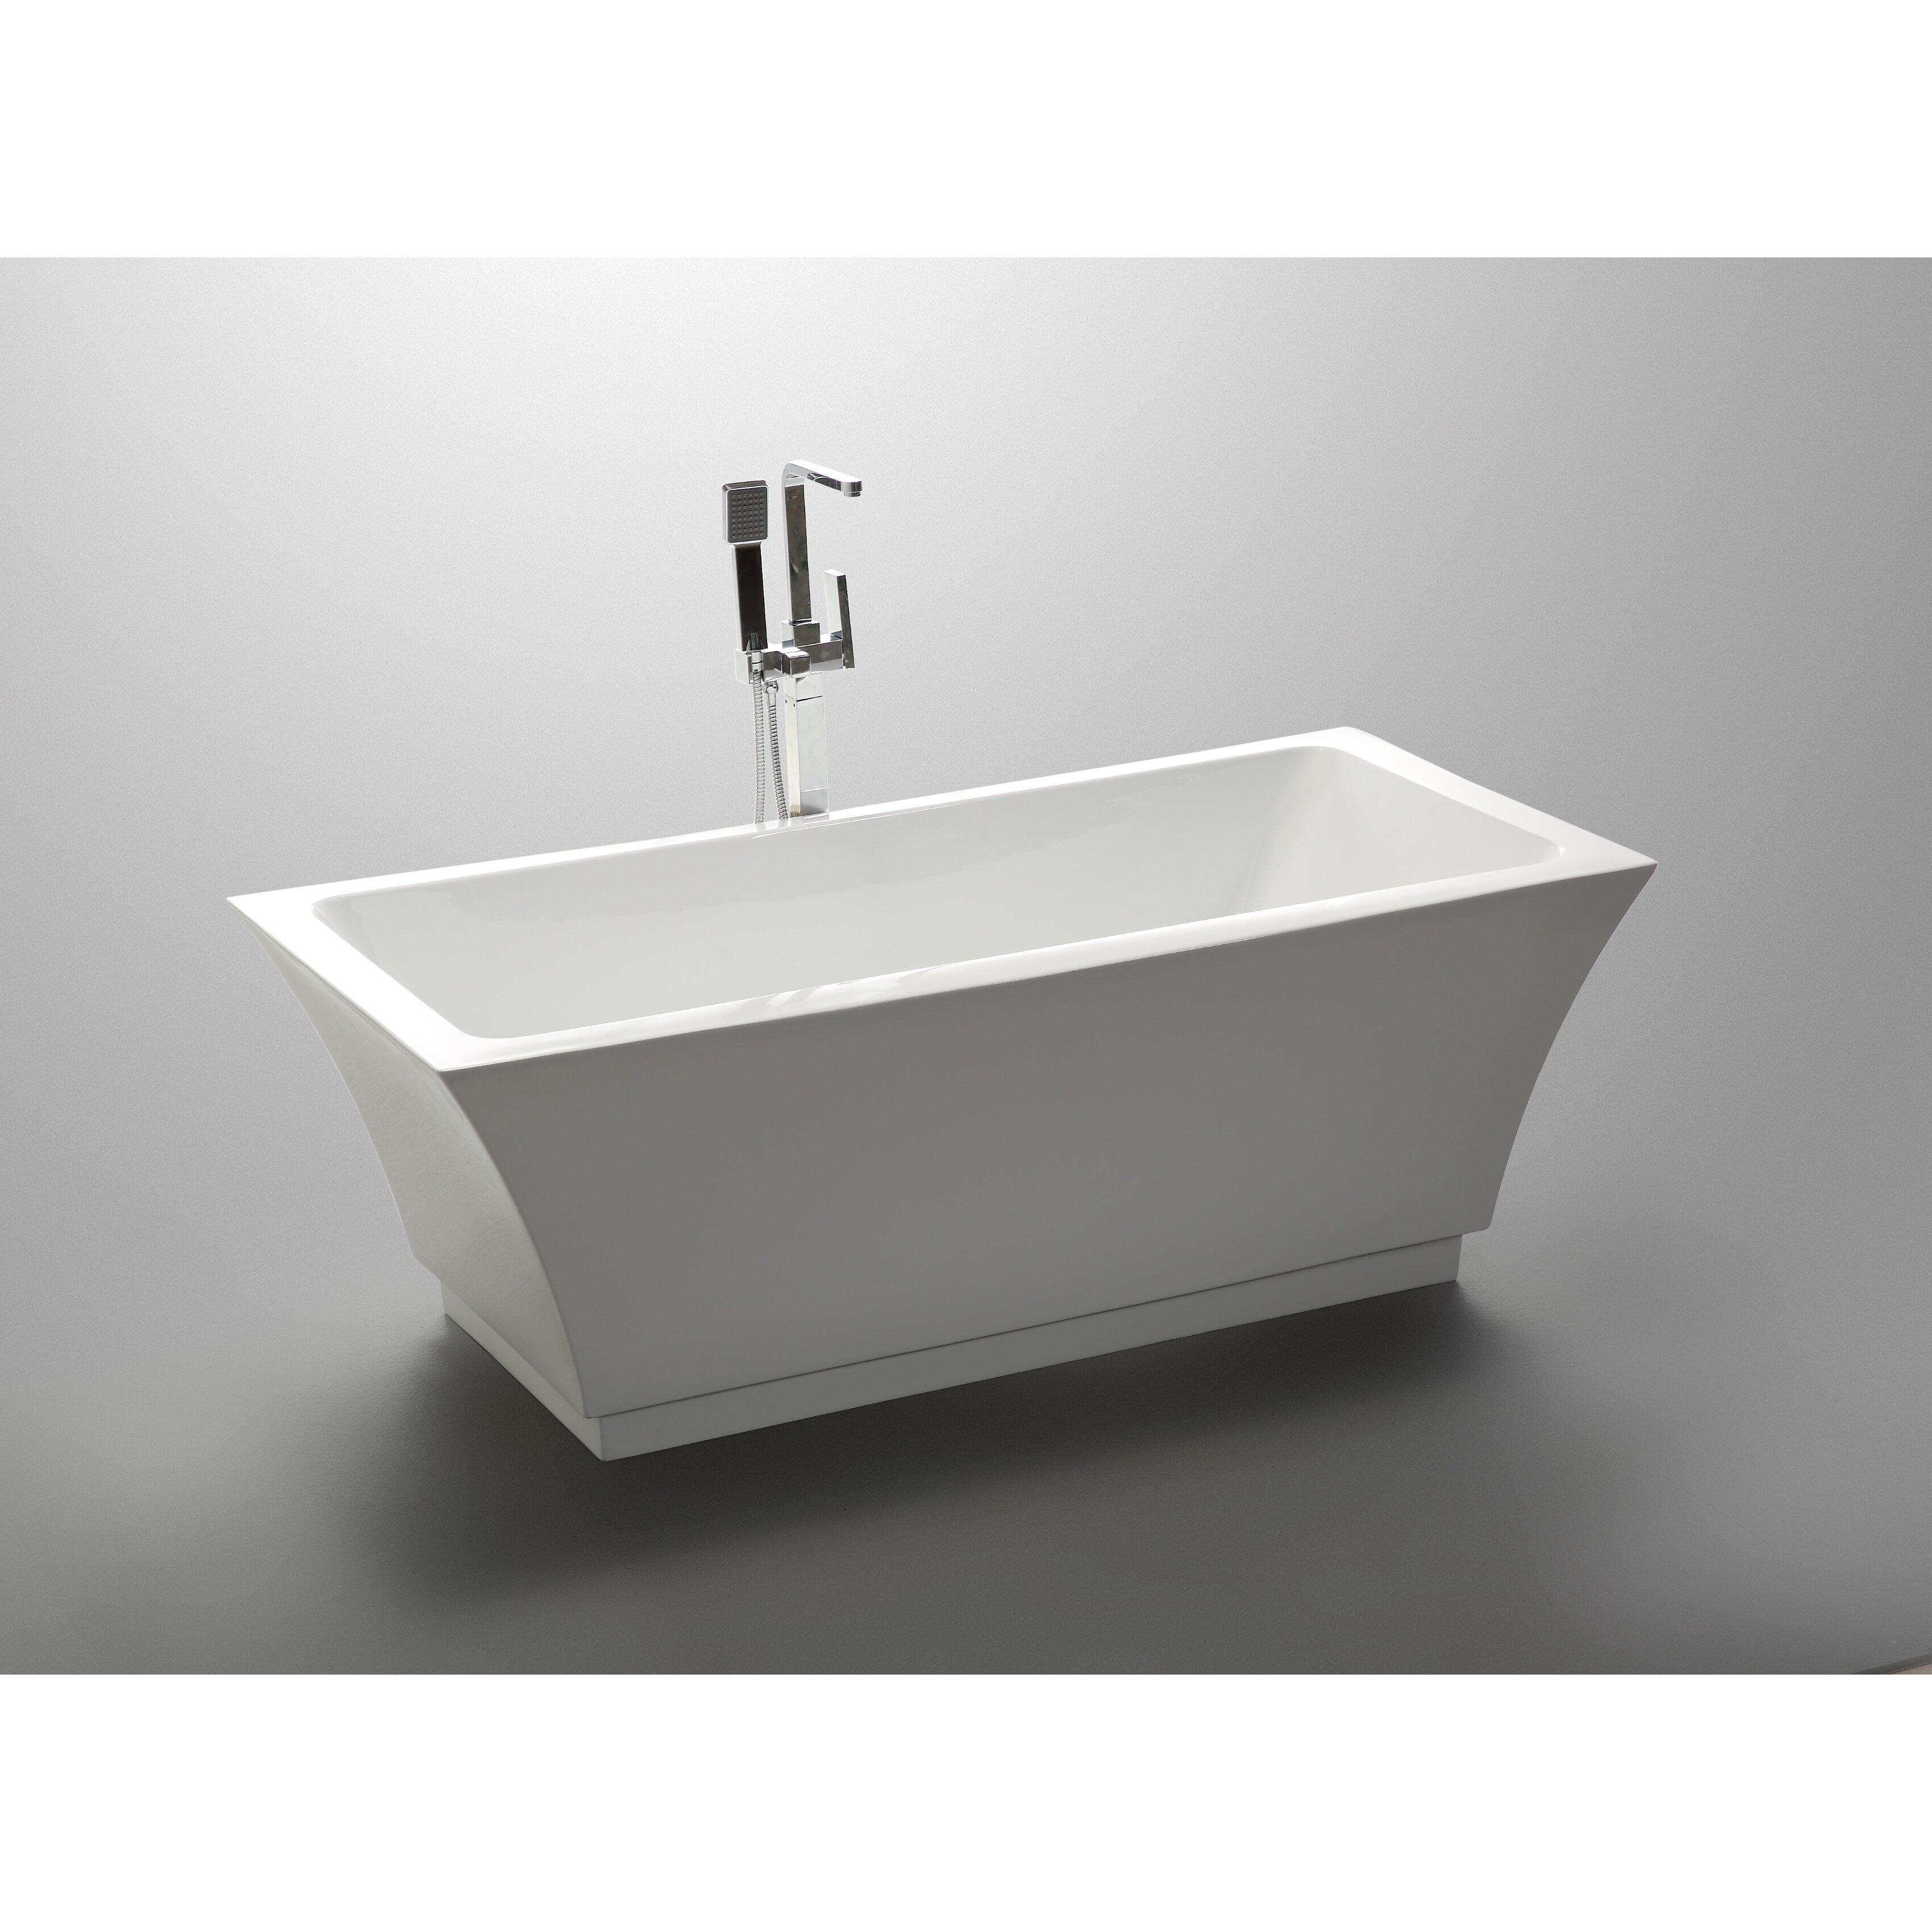 Vanityart 59 Quot X 29 5 Quot Freestanding Soaking Bathtub